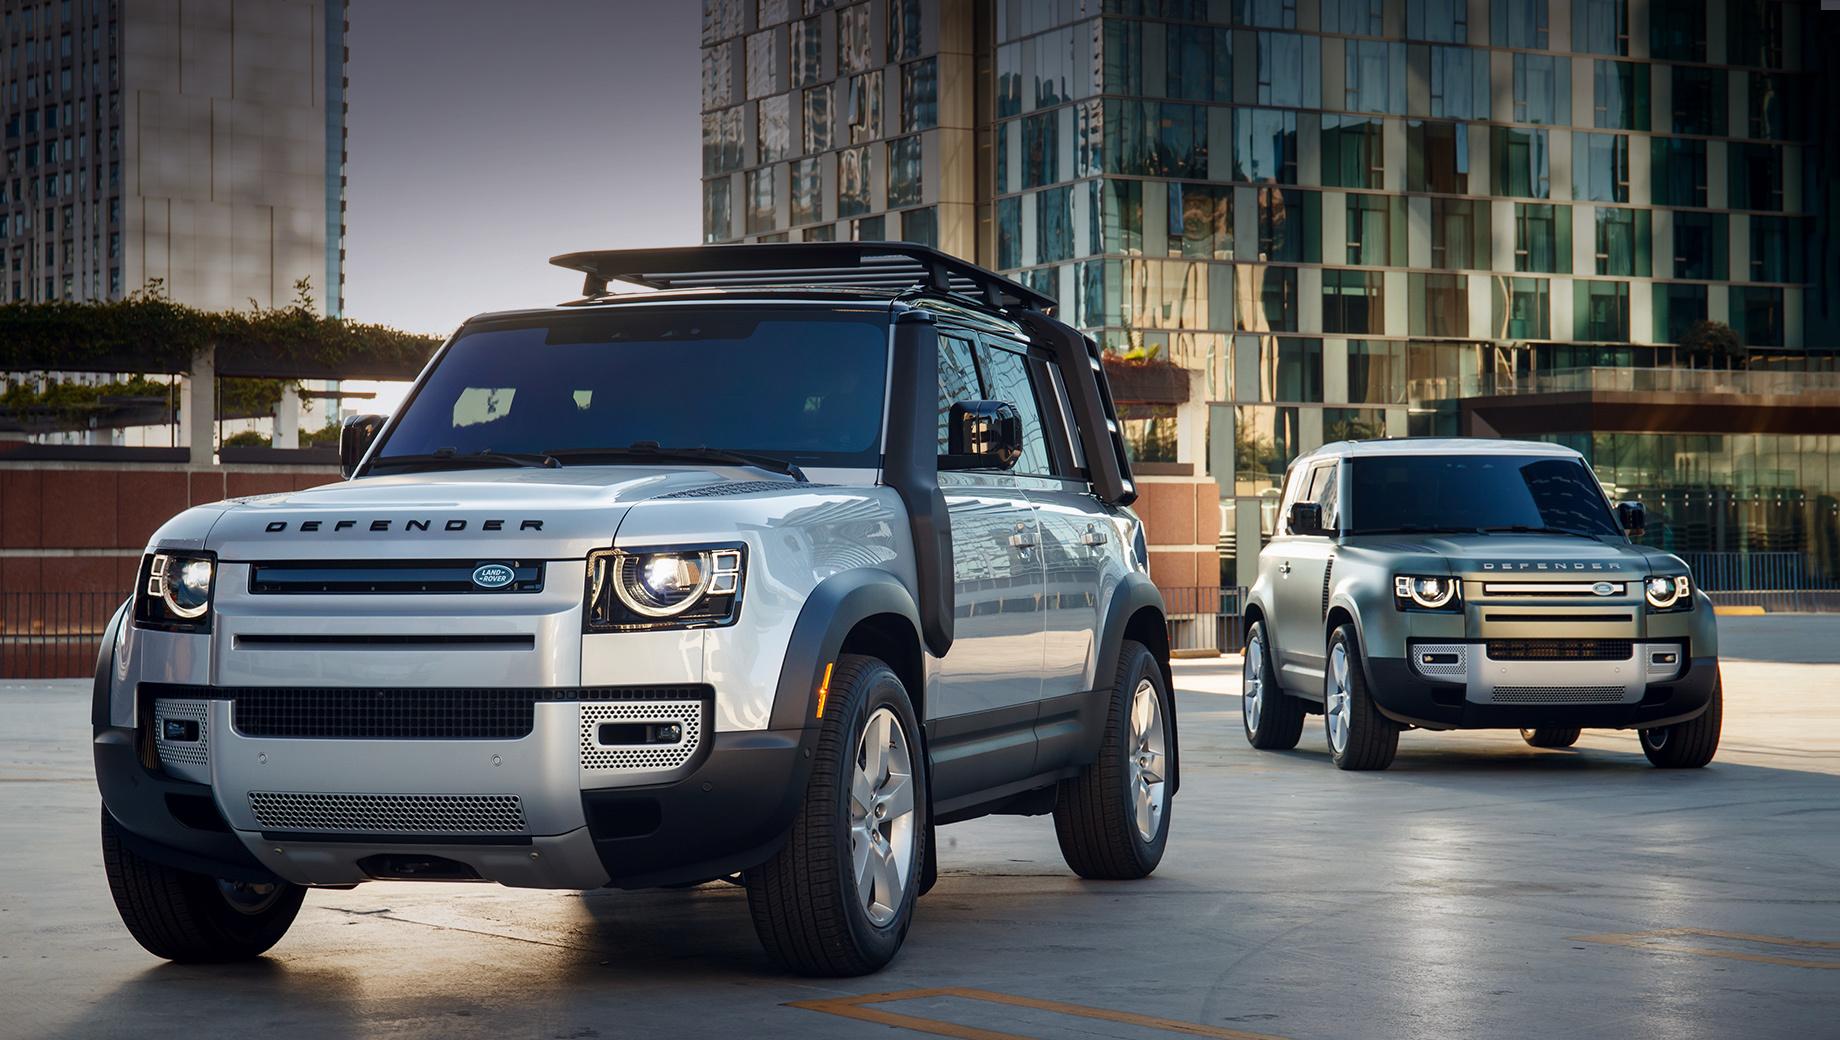 Kunst! Детально изучаем новый Land Rover Defender онлайн